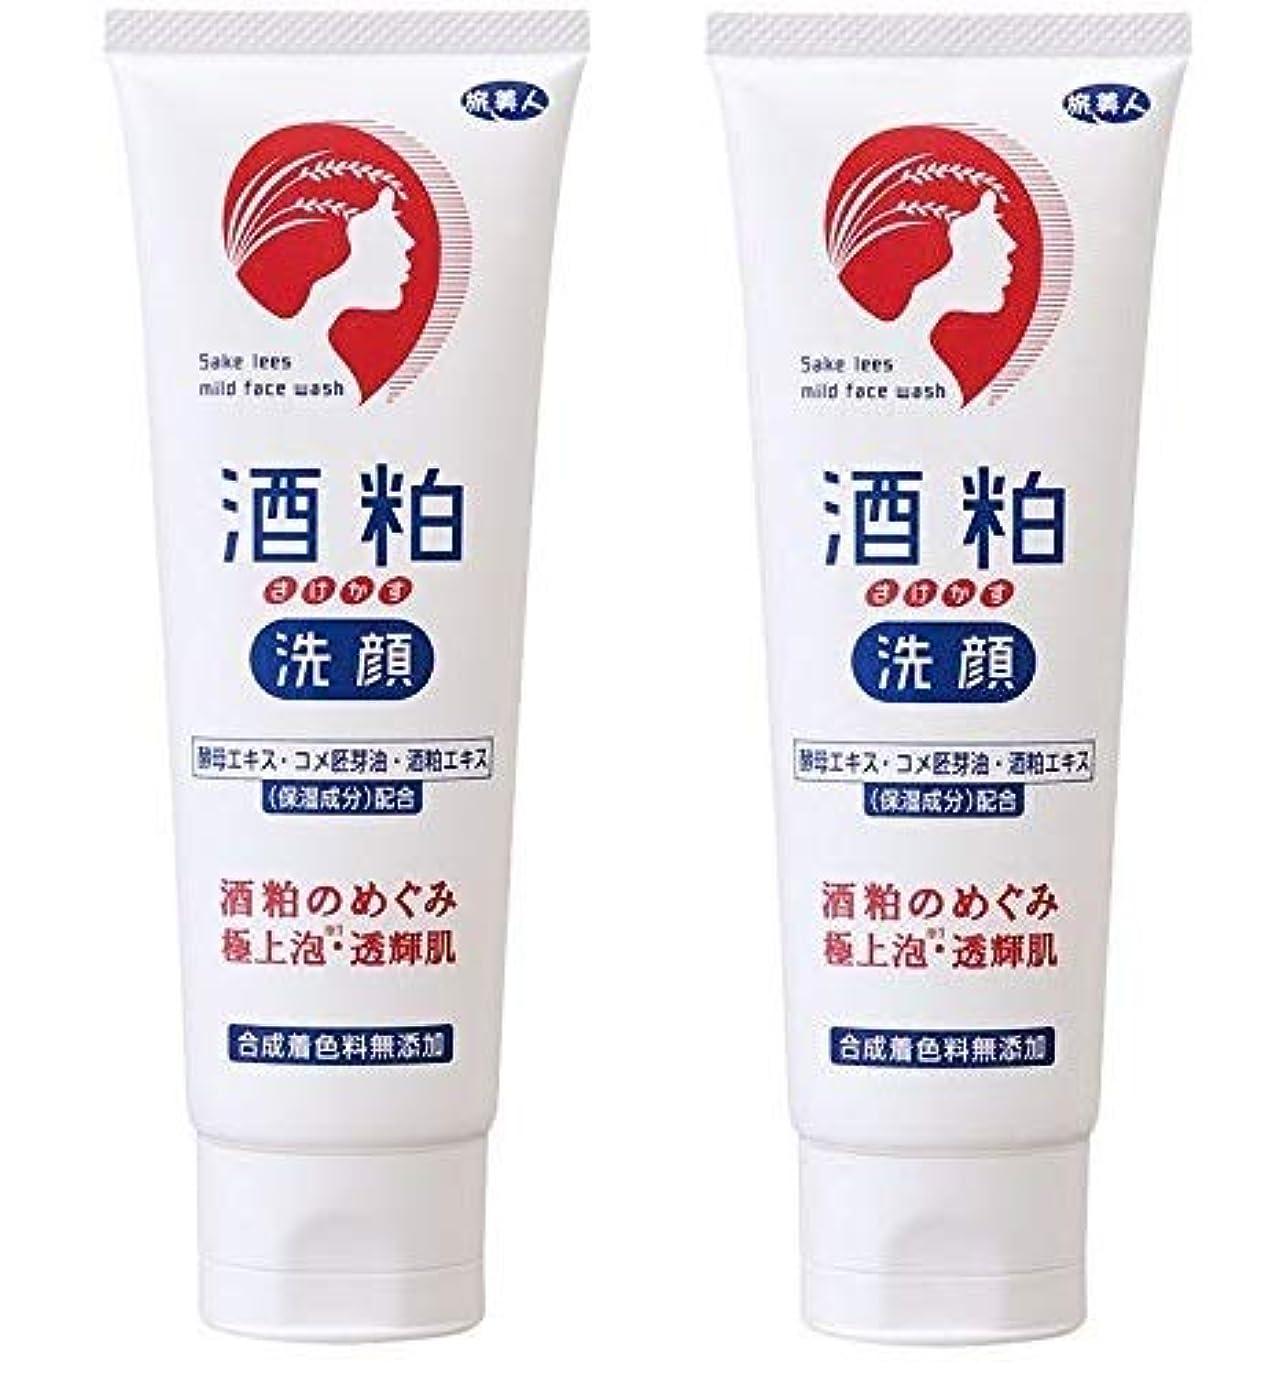 裸アテンダント損傷旅美人 酒粕洗顔 アズマ商事 (2個)